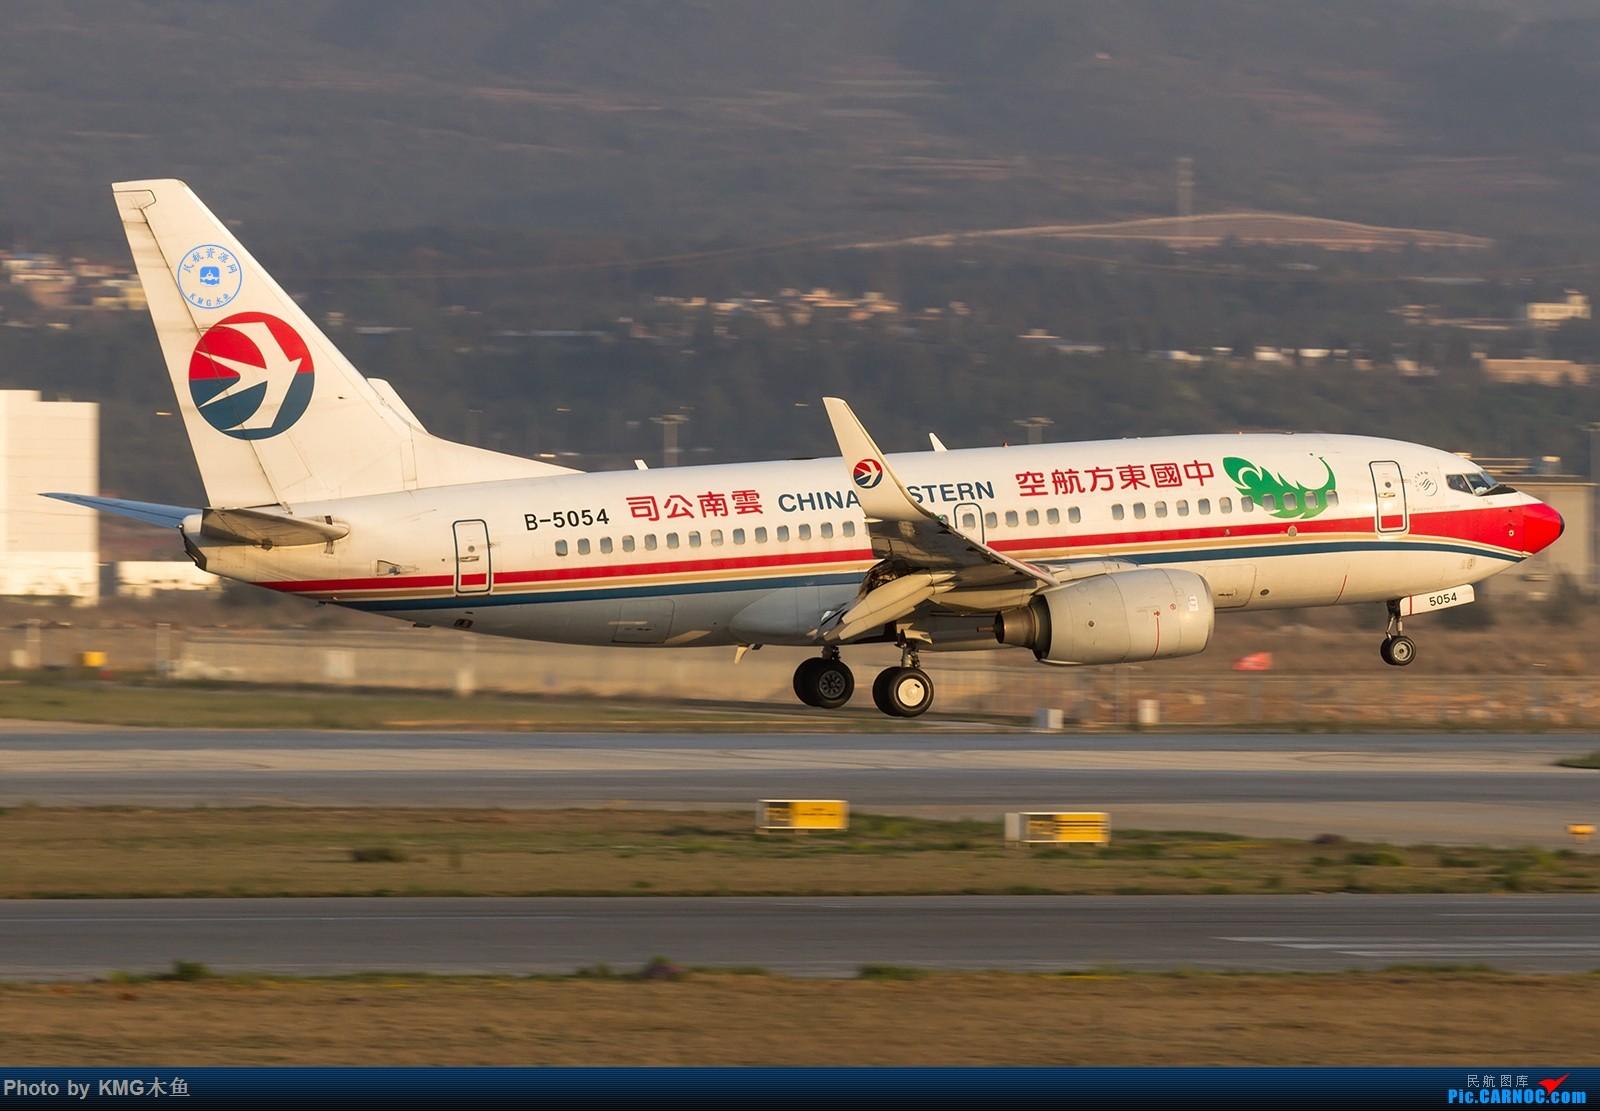 Re:[原创]【2017昆明长水国际机场——KMG木鱼拍机】今年第二次发帖,老样子,老机型,老位置,老图新发 BOEING 737-700 B-5054 中国昆明长水国际机场